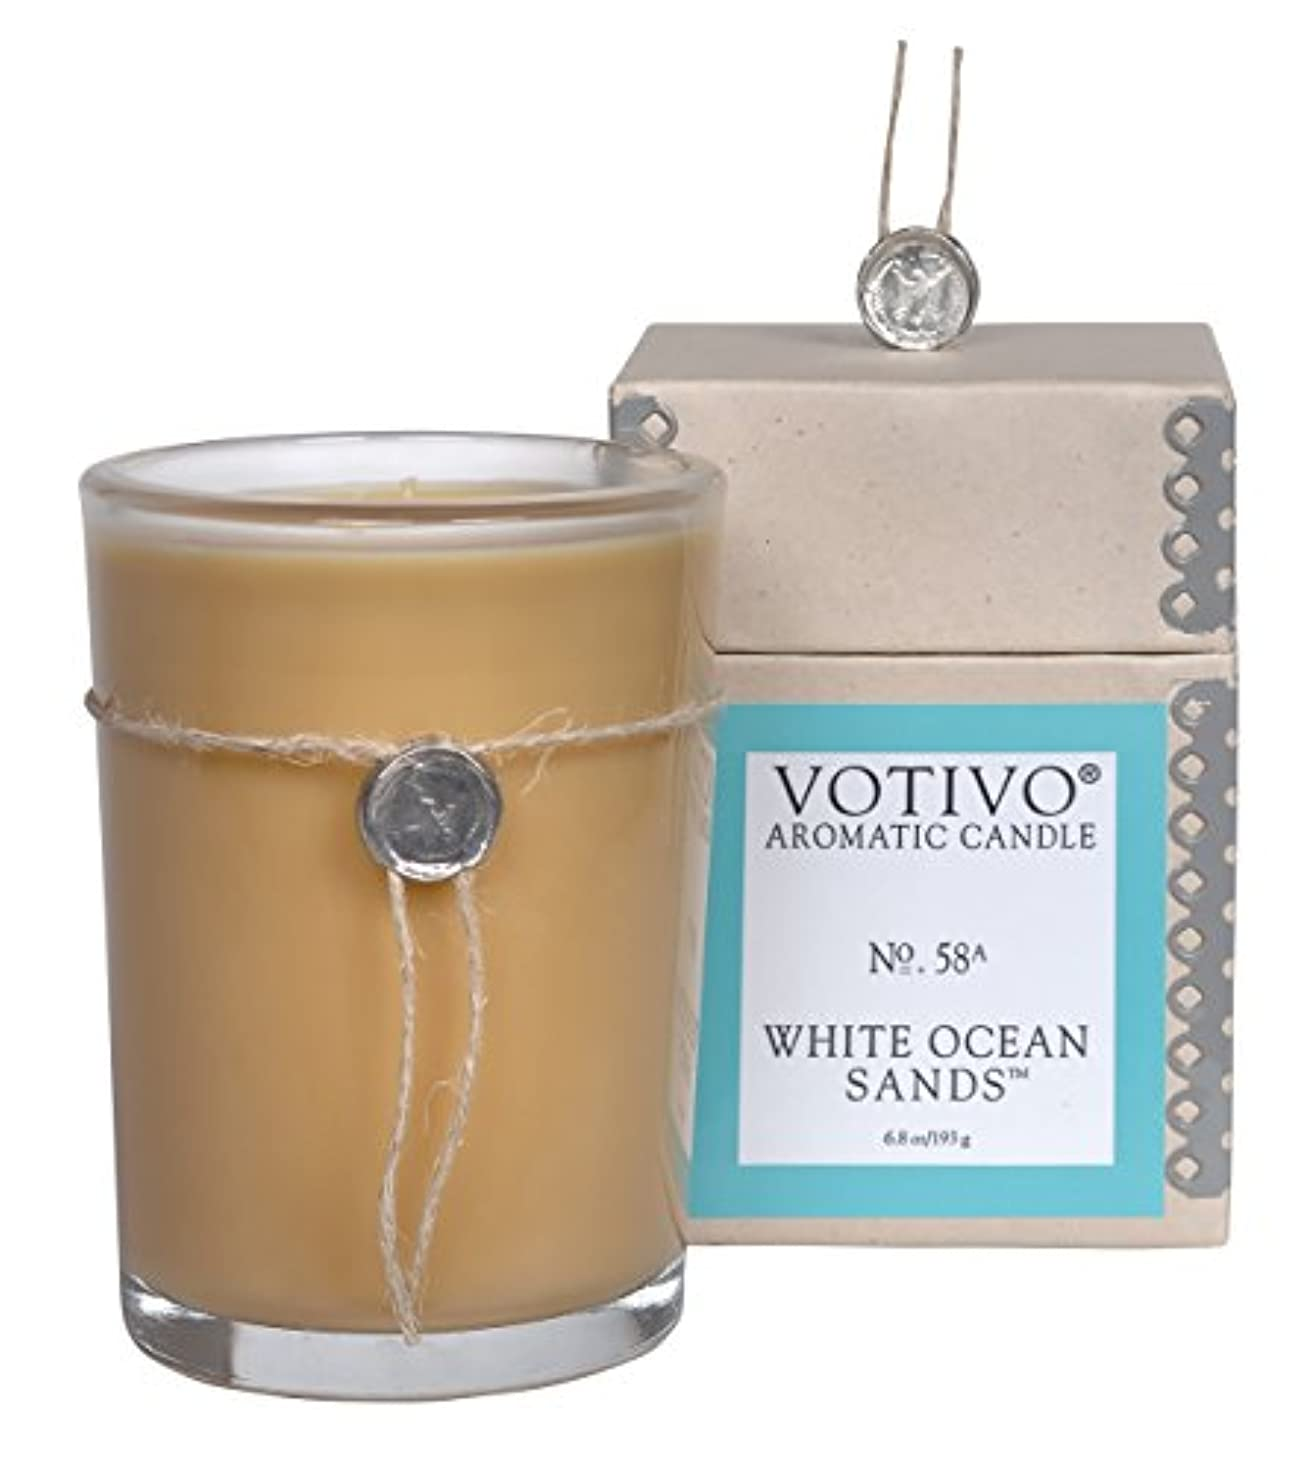 通常自慢スムーズにVOTIVO アロマティック グラスキャンドル ホワイトオーシャンサ